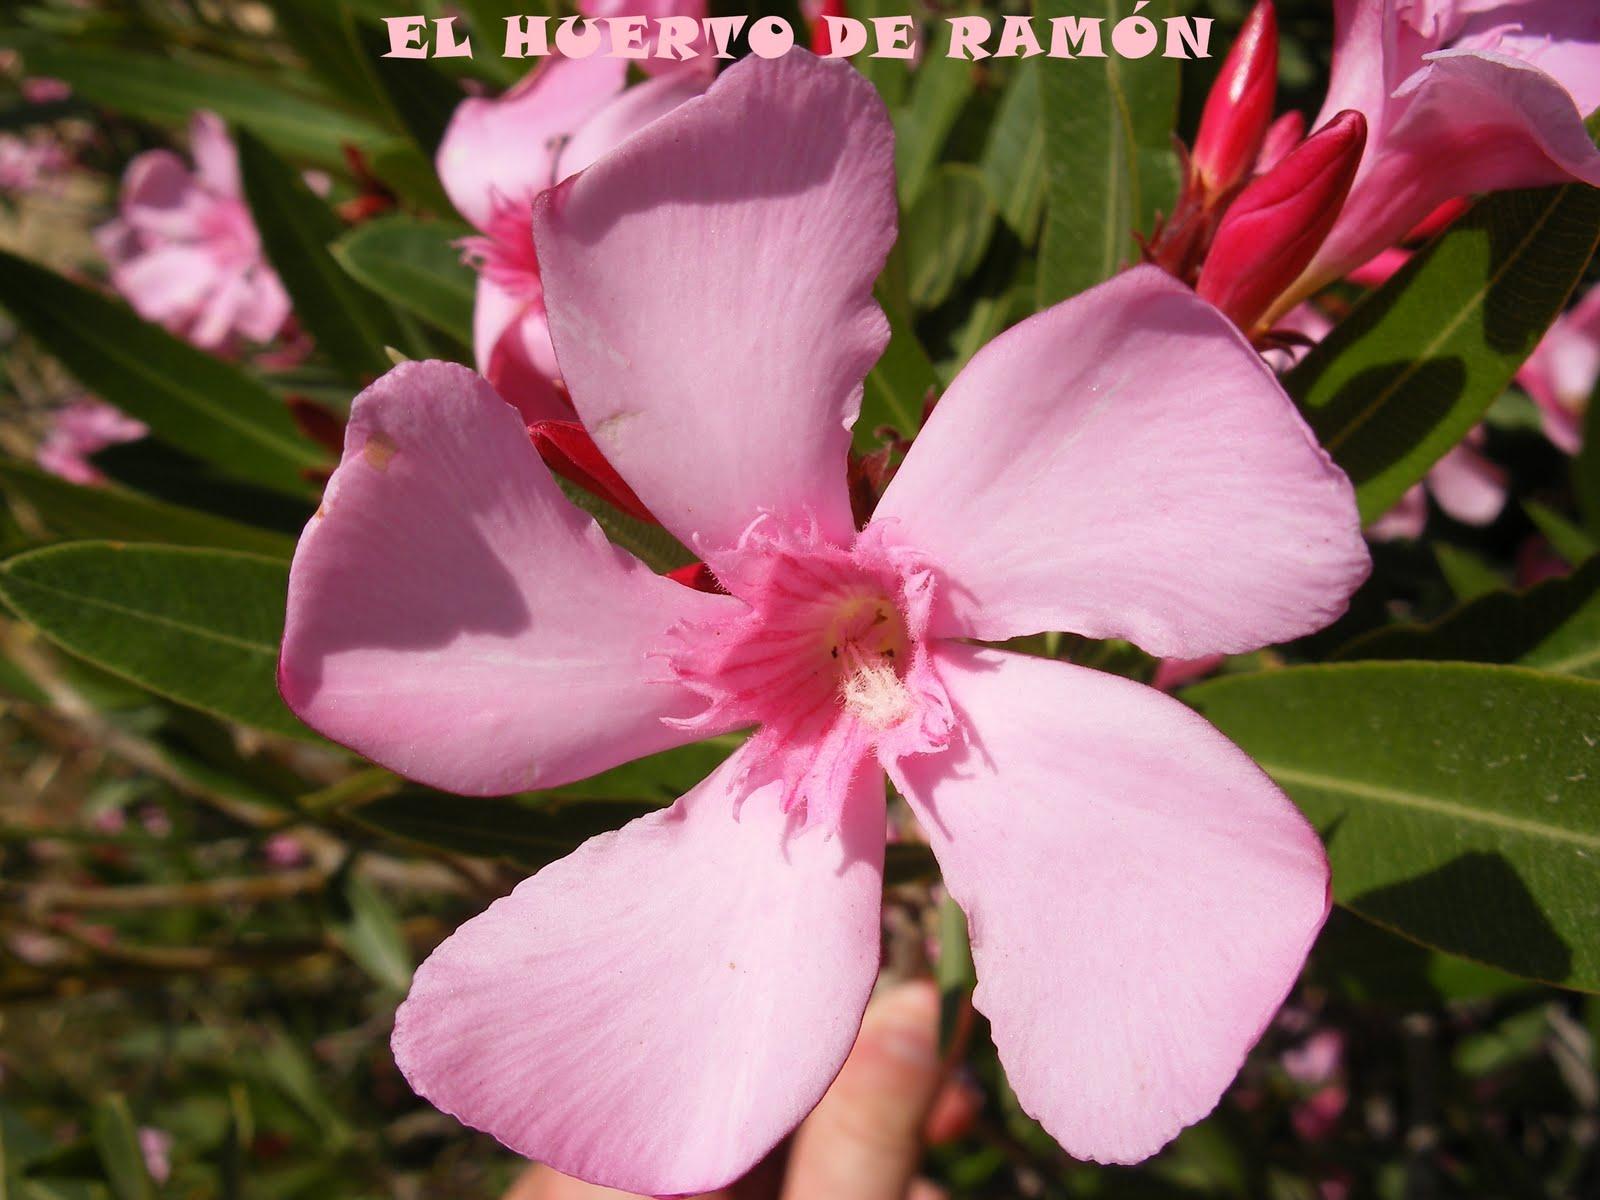 El huerto de ram n flores de plantas ornamentales iv for 6 plantas ornamentales